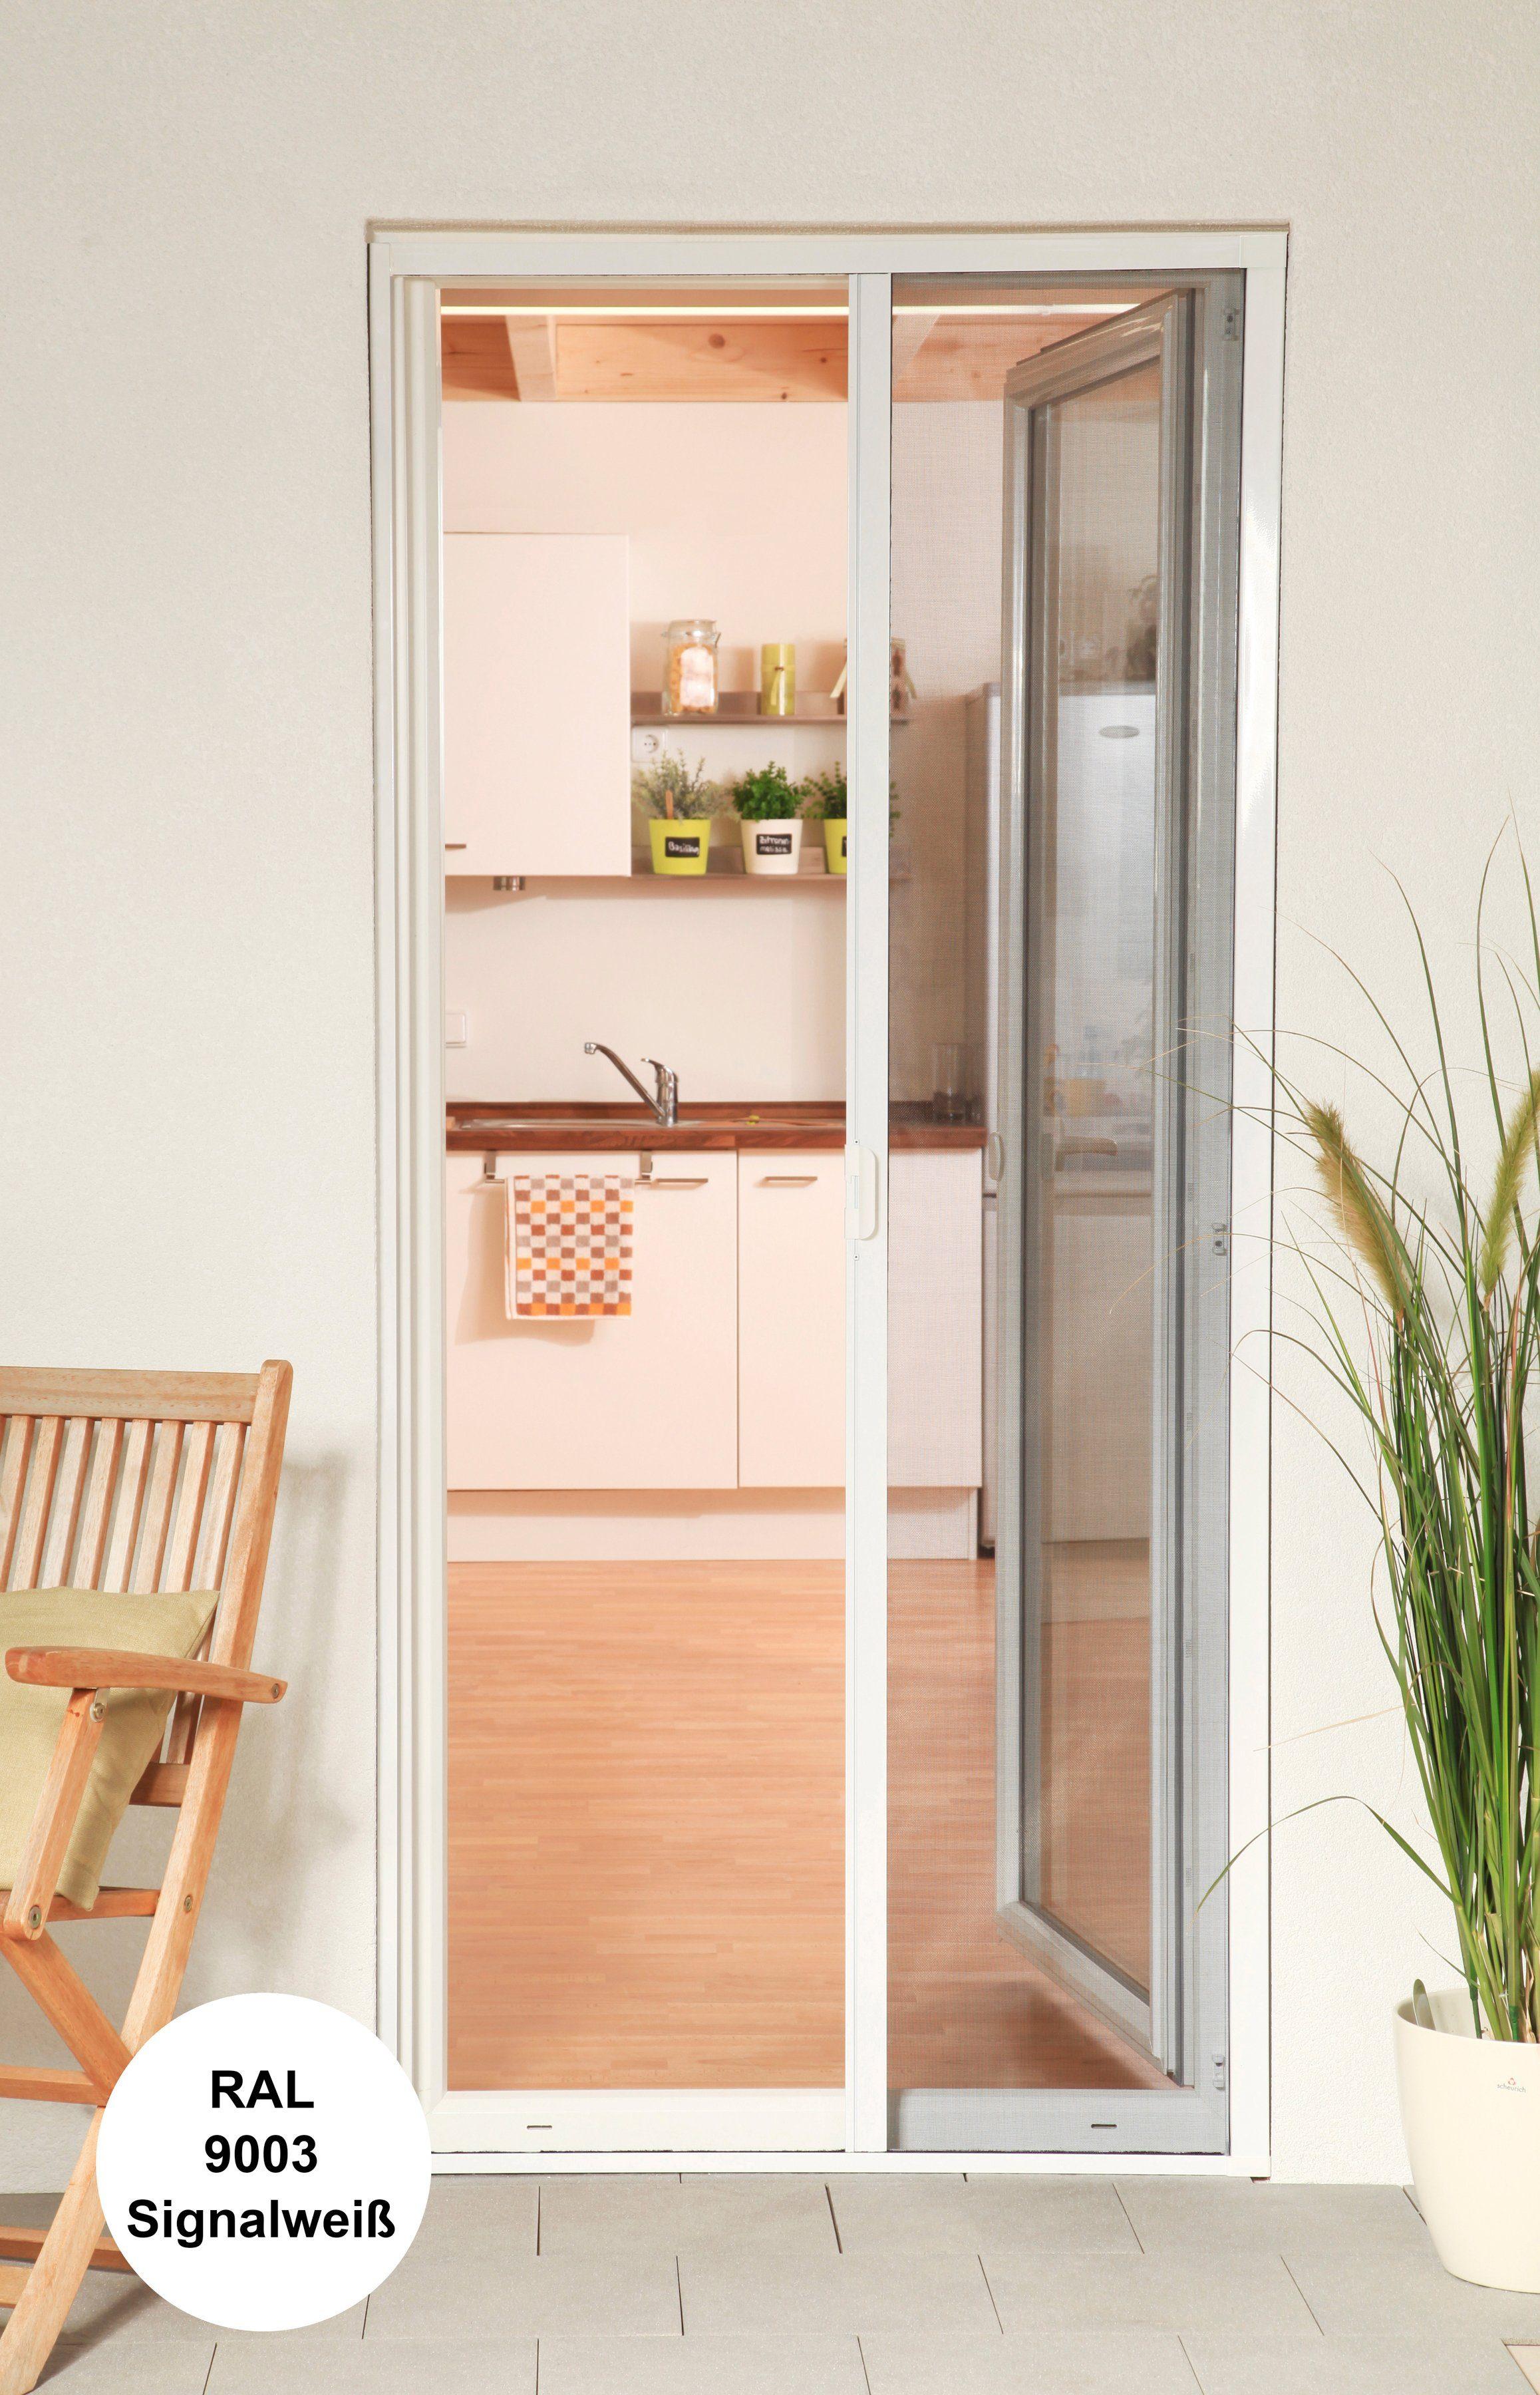 Culex Insektenschutz-Alu-Türrollo »Bausatz Smart« weiß BxH: 160 x 220 cm, weiß